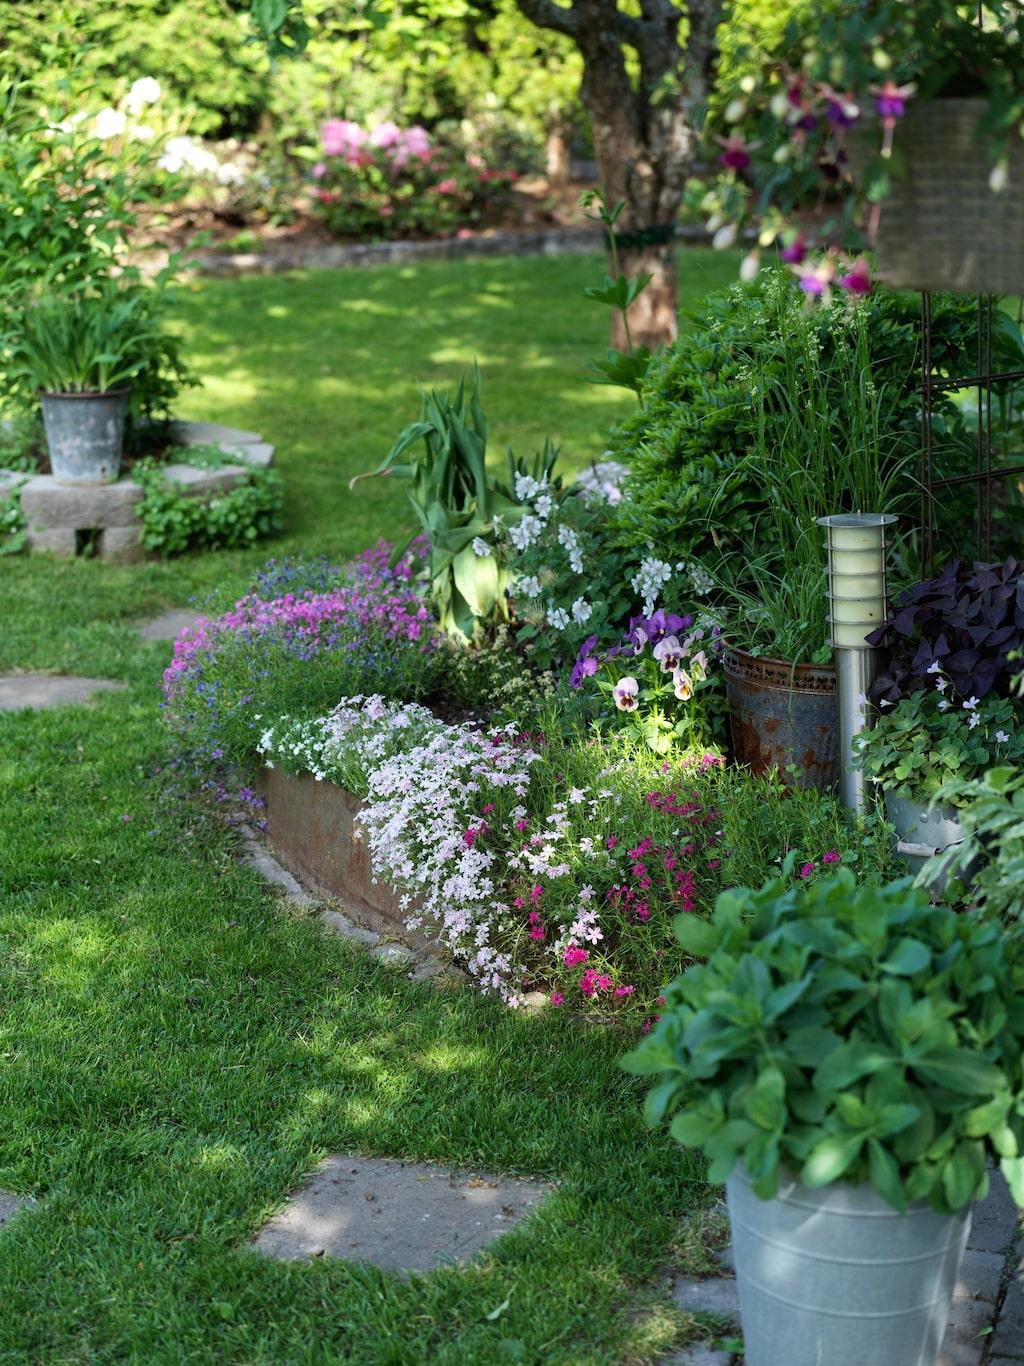 Paret är samlare av ovanliga växter och vill ha en stor blandning i sin trädgård.